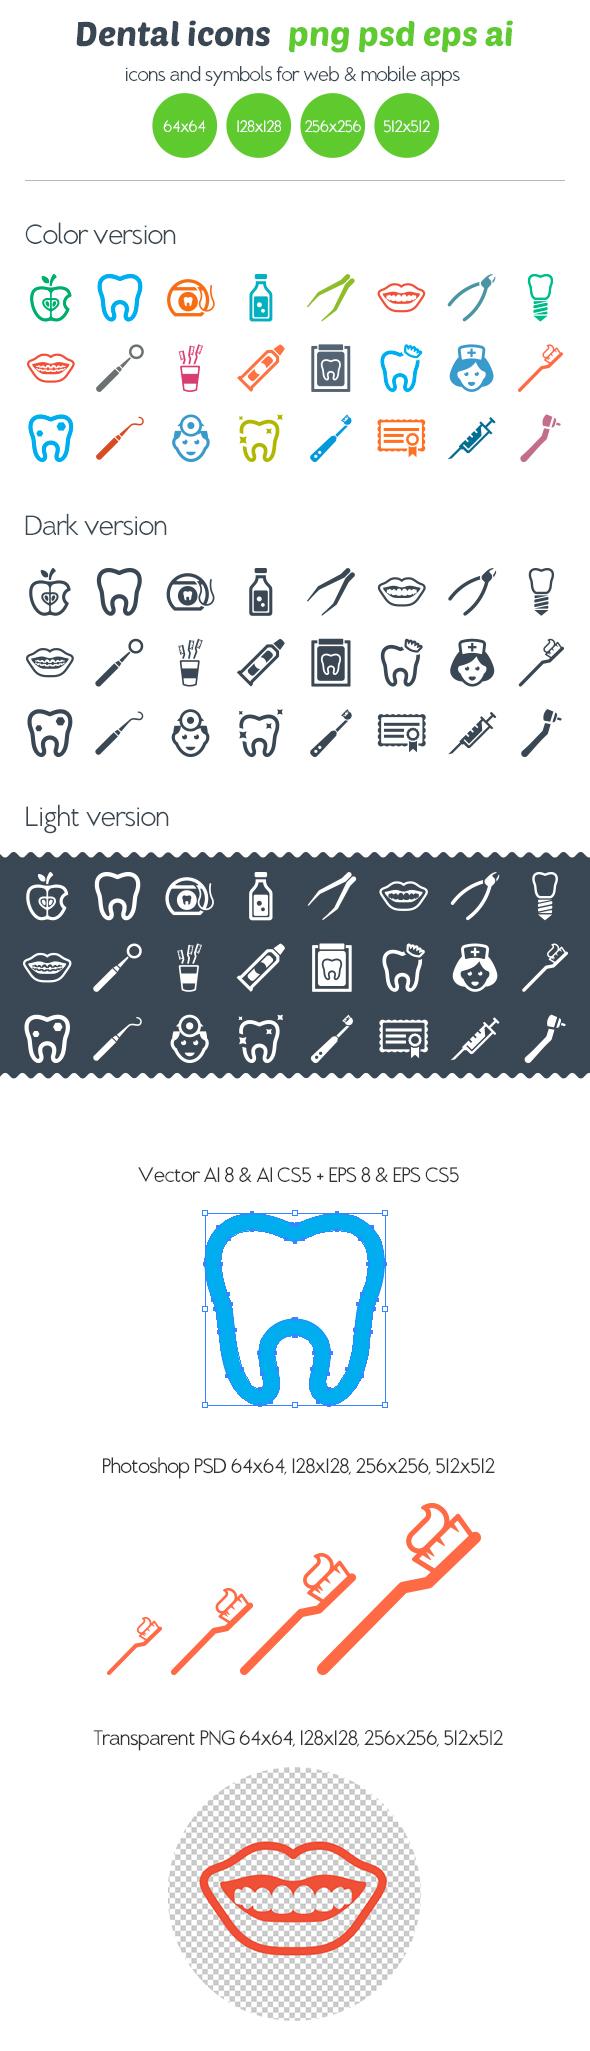 Dental icons by Ottoson , via Behance. Die wil ik wel op